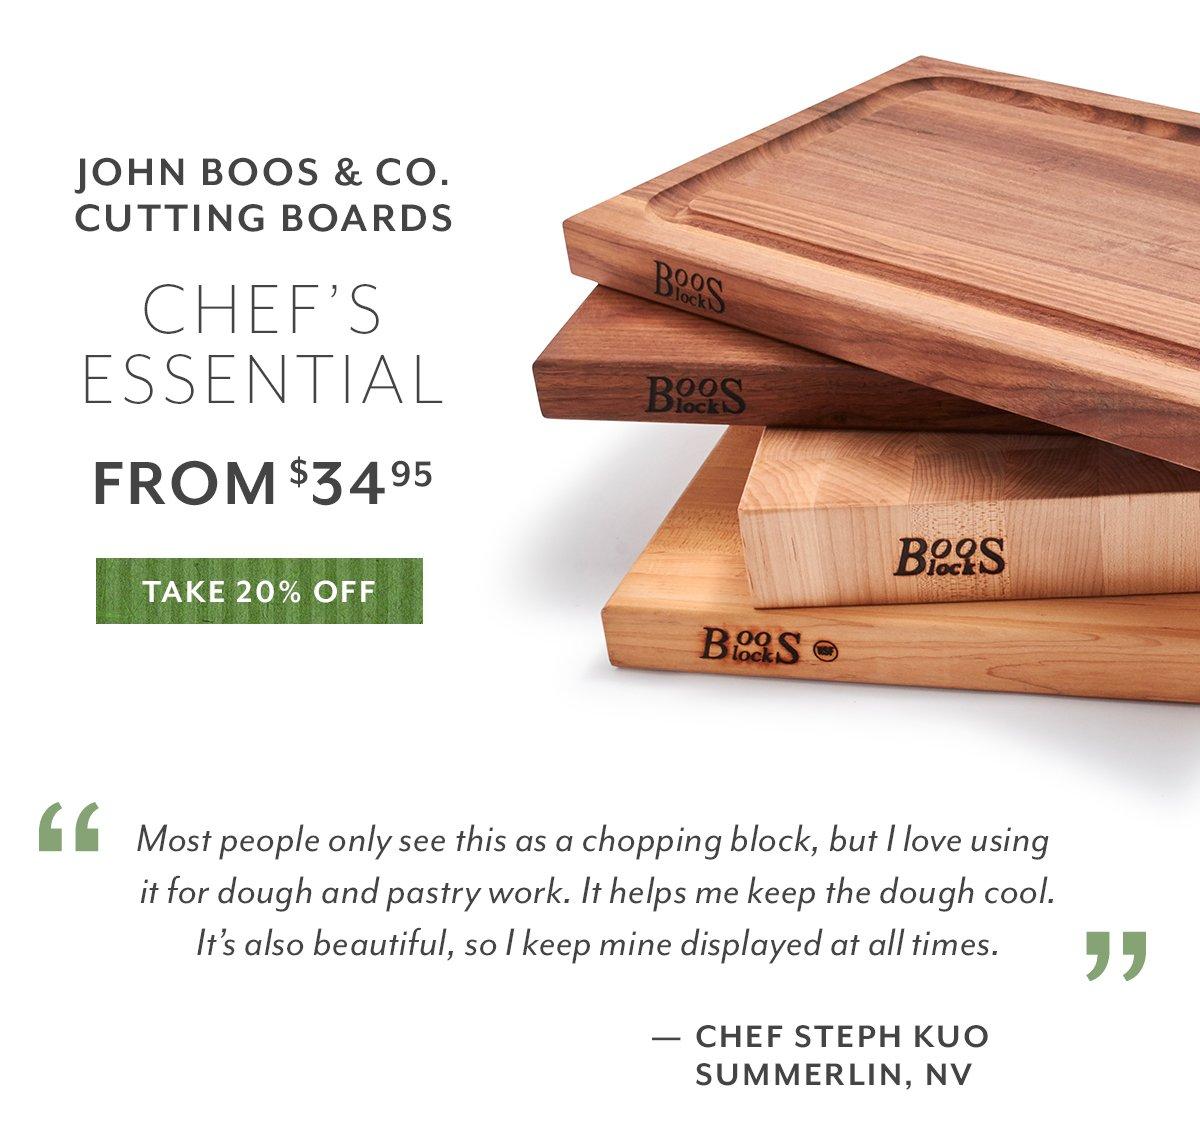 John Boos & Co. Cutting Boards